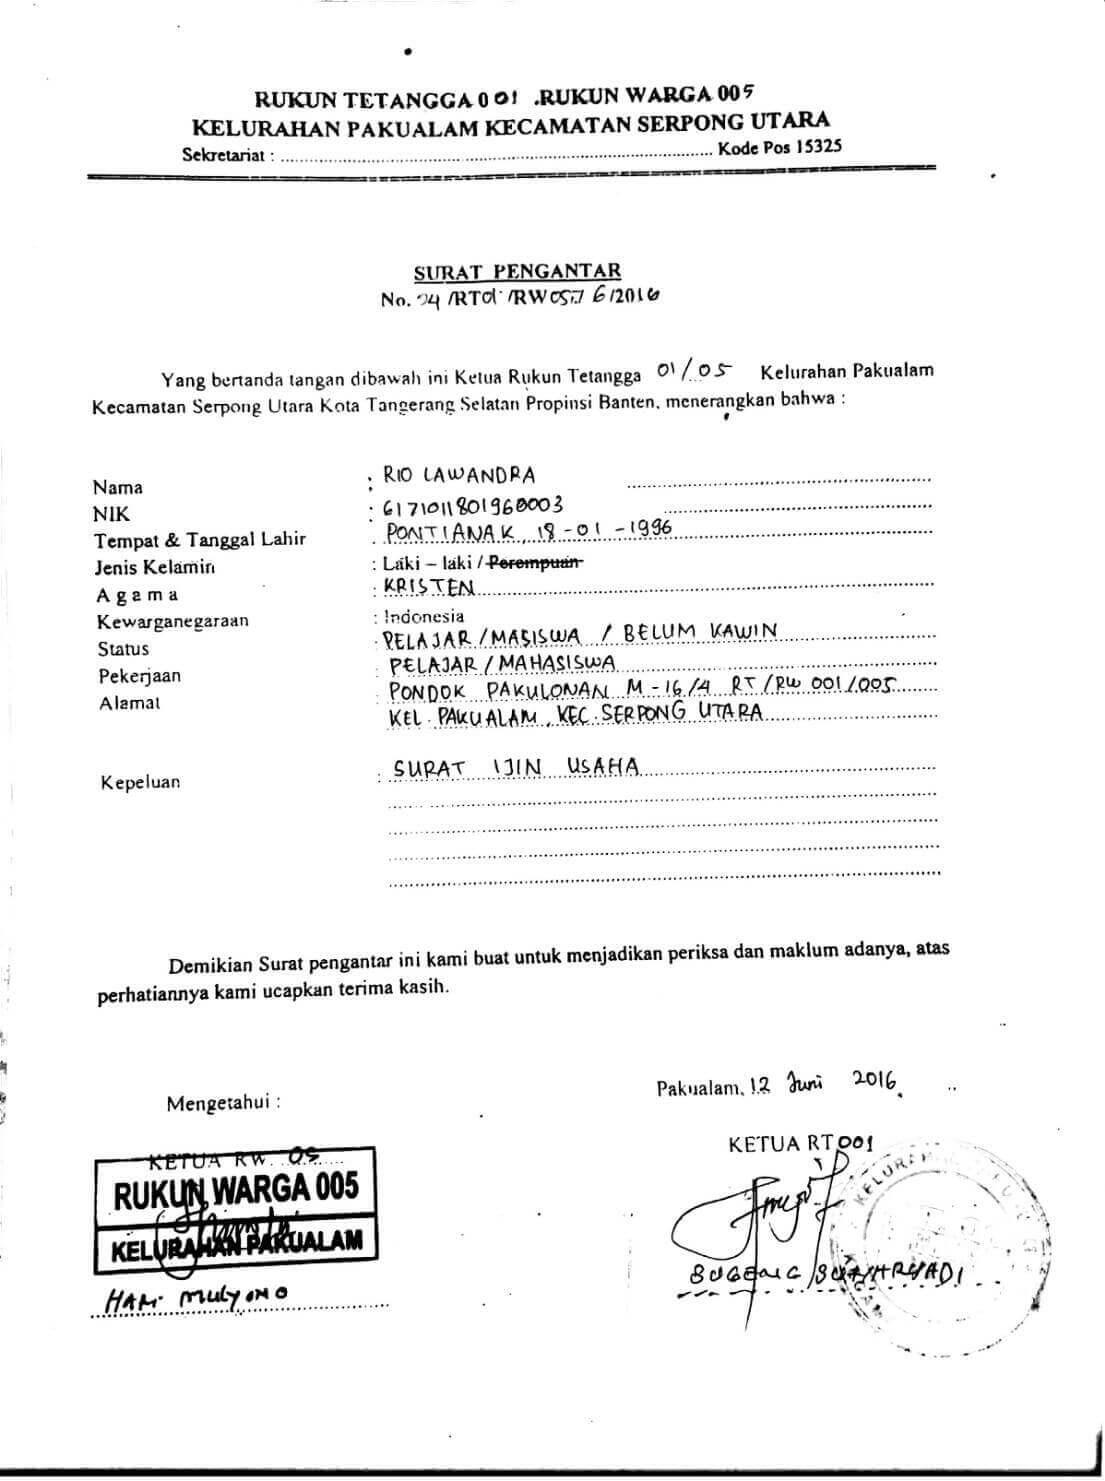 Contoh Surat Izin Usaha Dari Pemerintah Desa